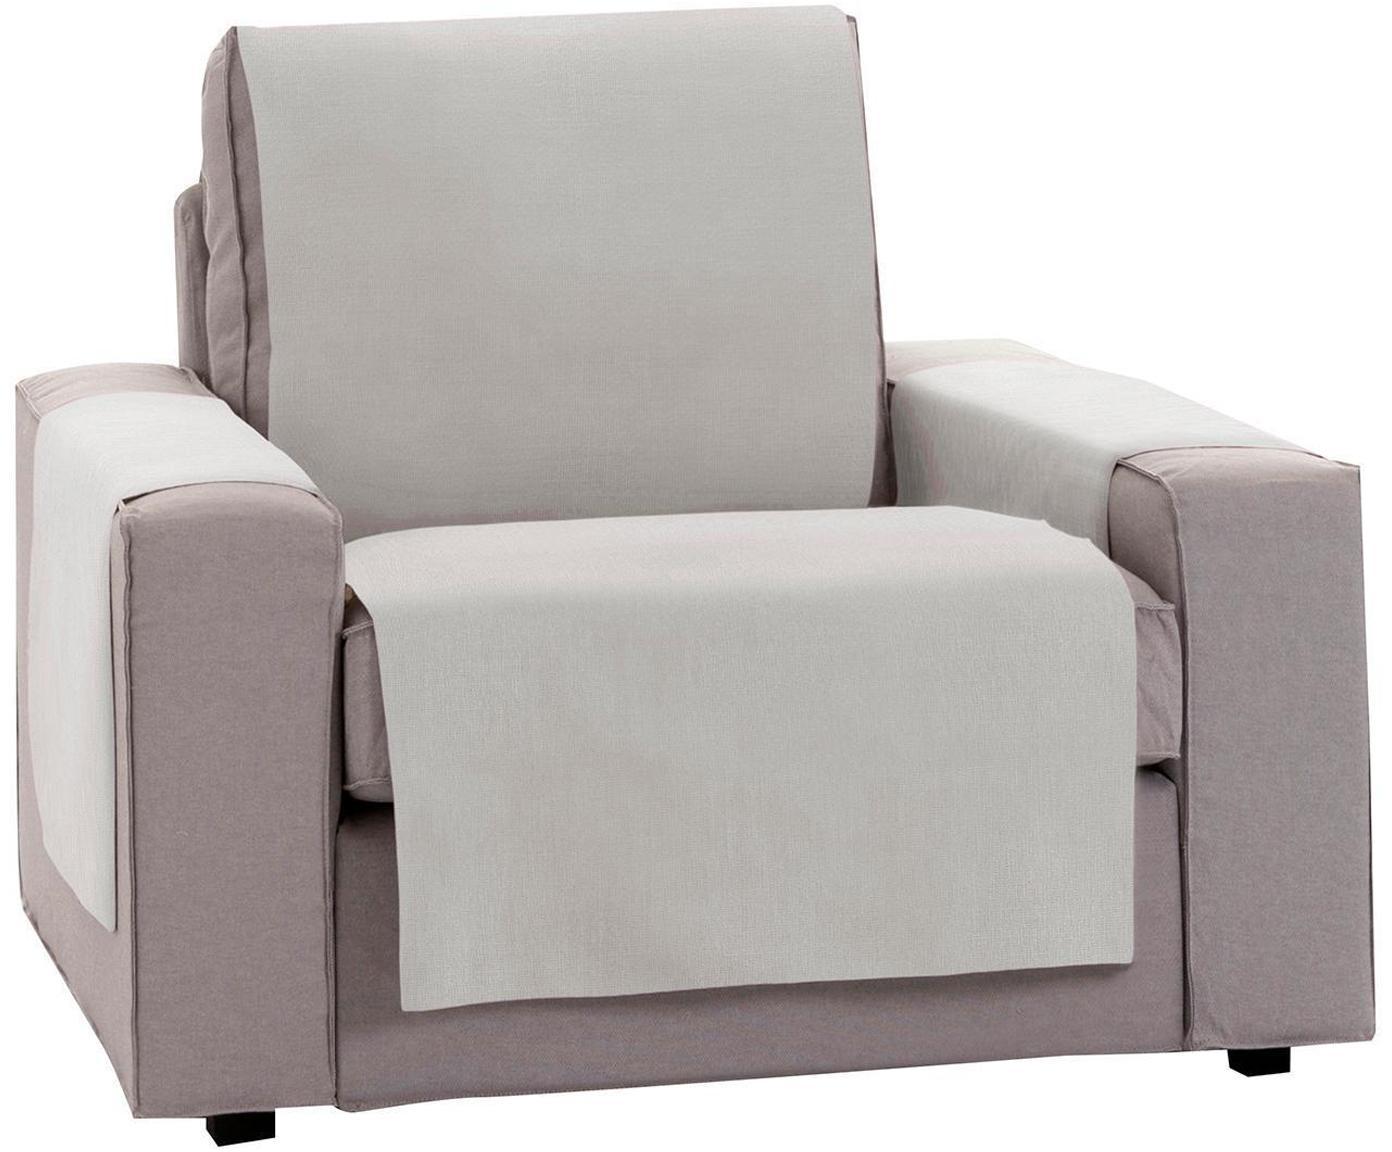 Funda de sillón Levante, 50%algodón, 50%poliéster, Gris verdoso, An 55 x L 220 cm